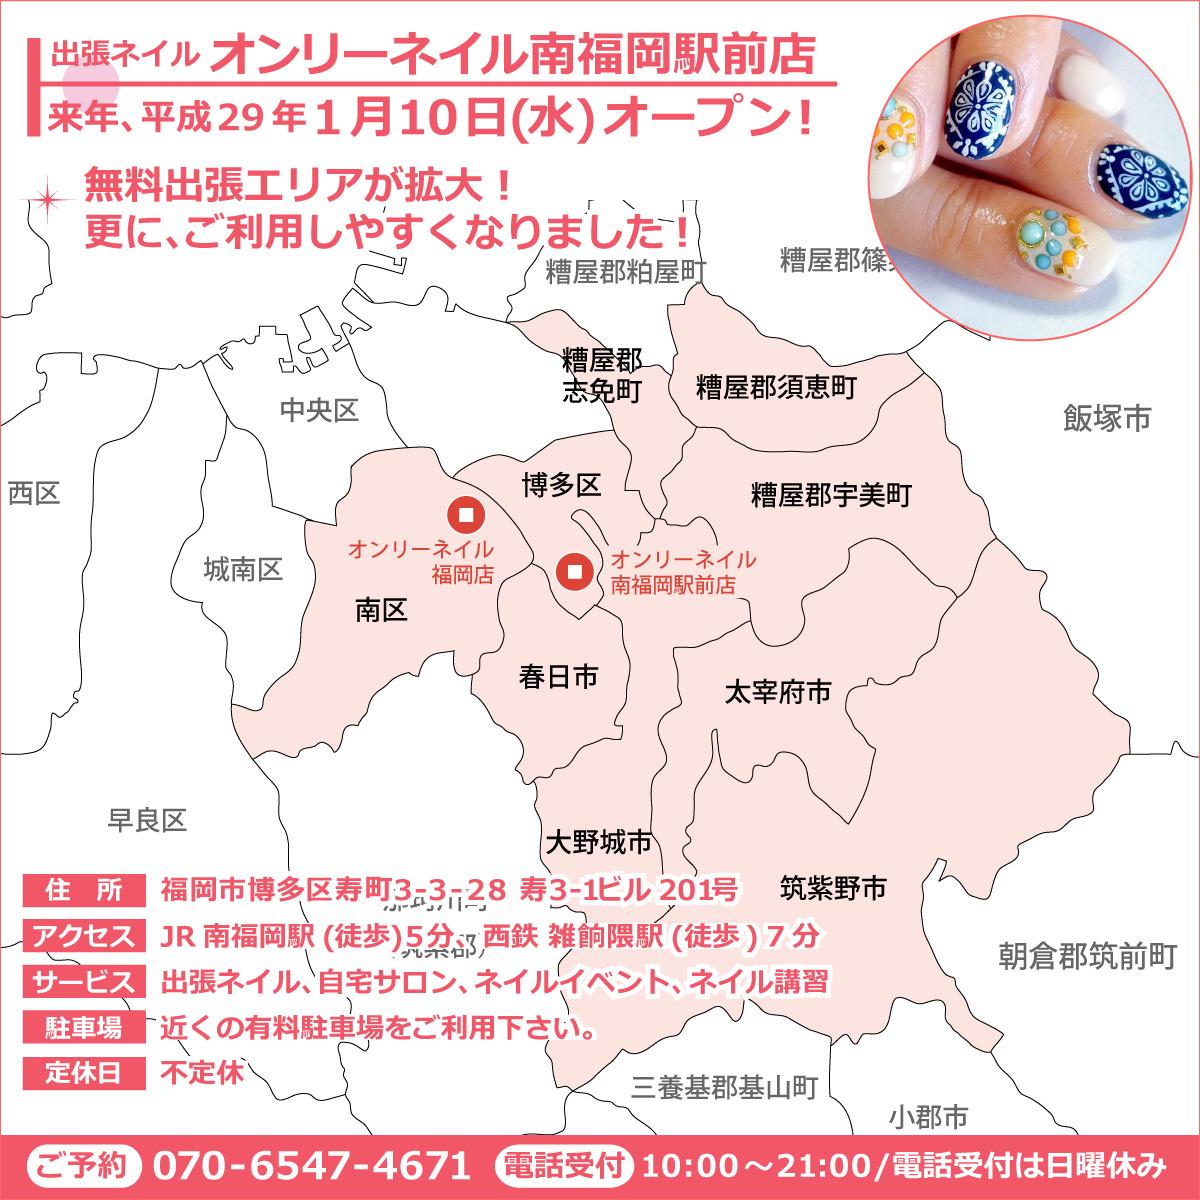 福岡市博多区で出張ネイルサロン『オンリーネイル南福岡駅前店』がオープン!